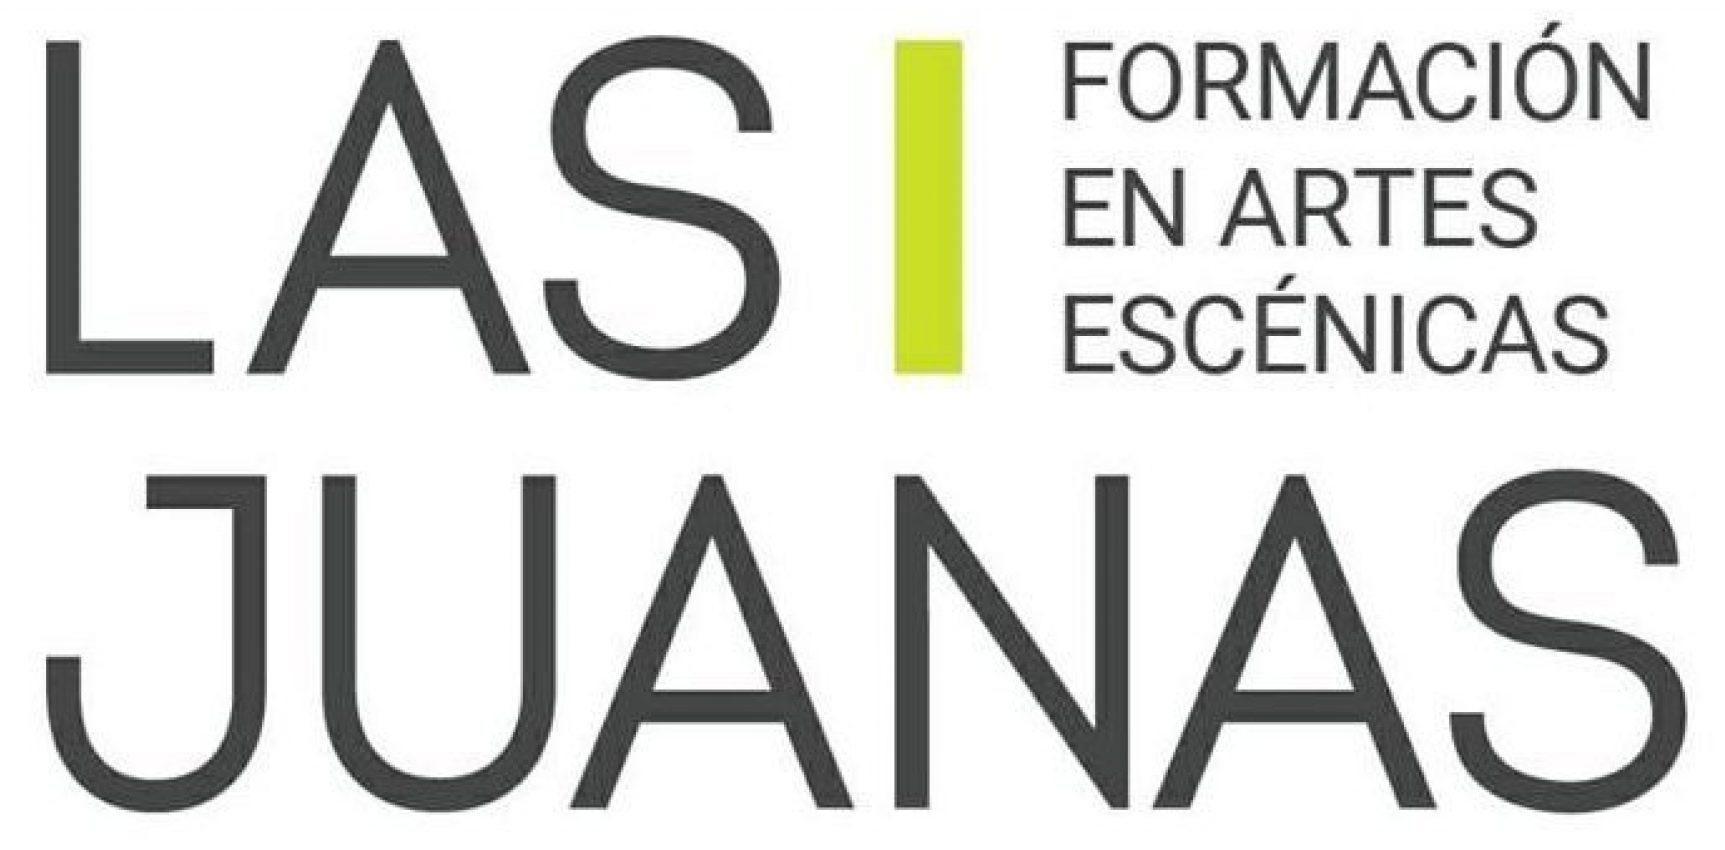 Las Juanas Artes Escenicas